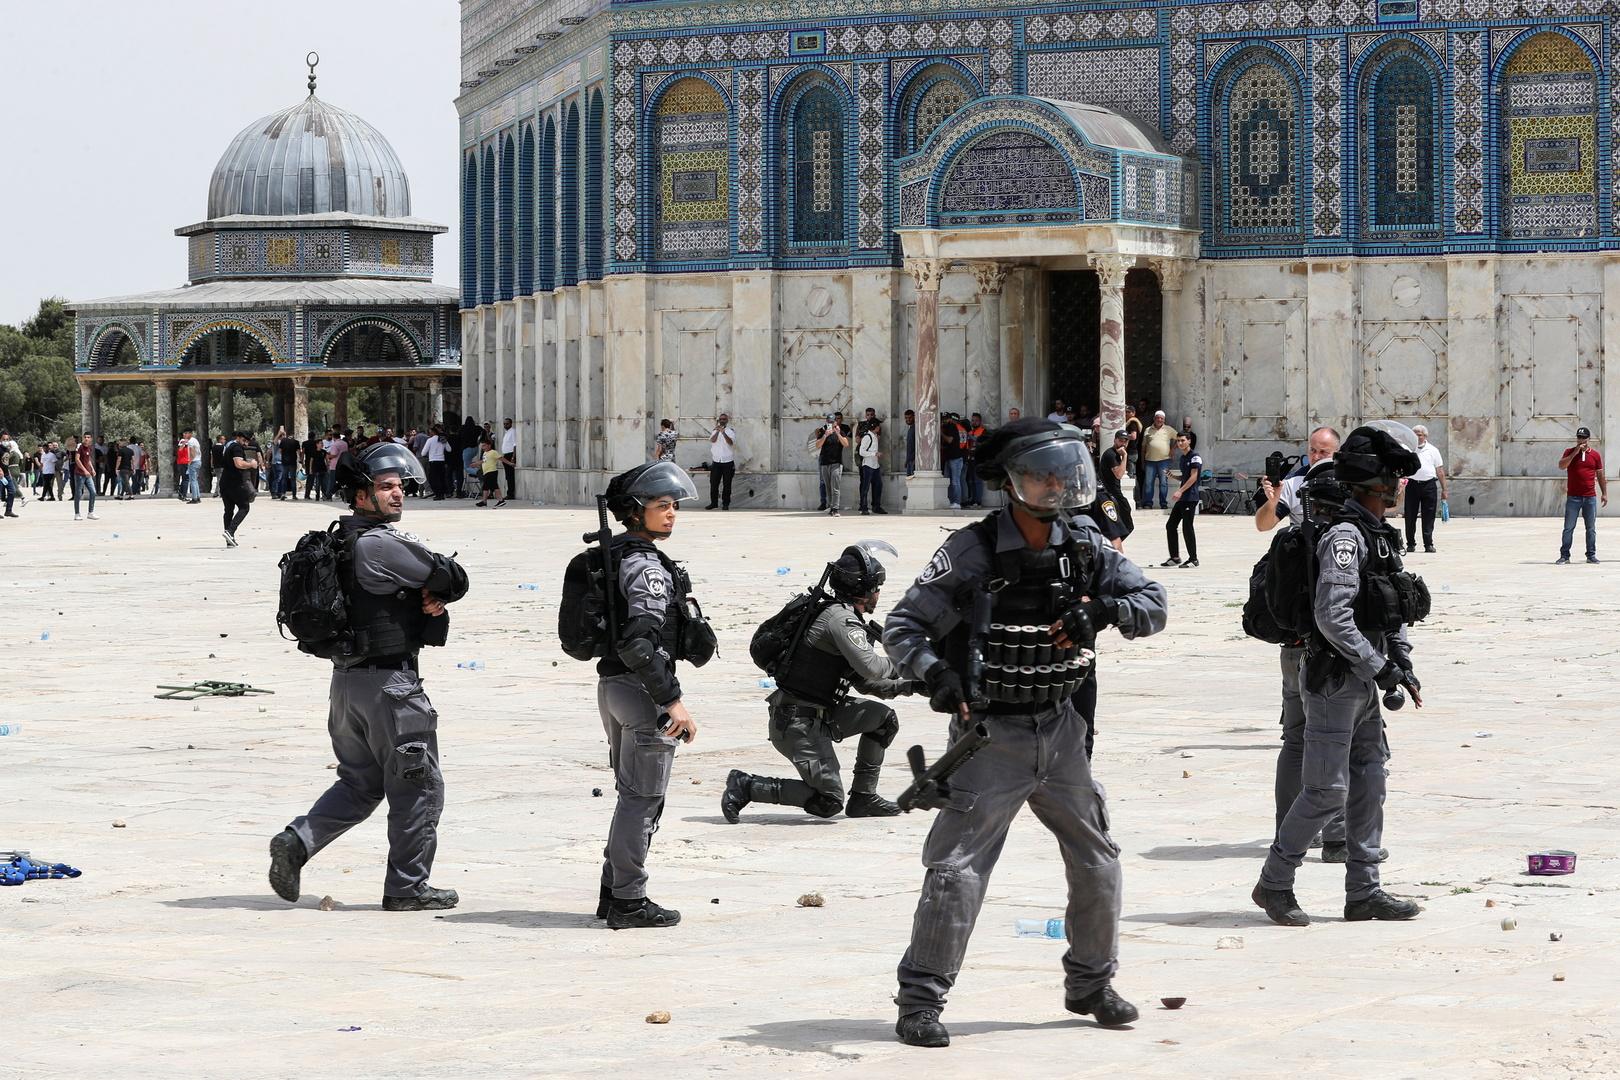 الشرطة الإسرائيلية تعتقل فلسطينيا يوزع عصير